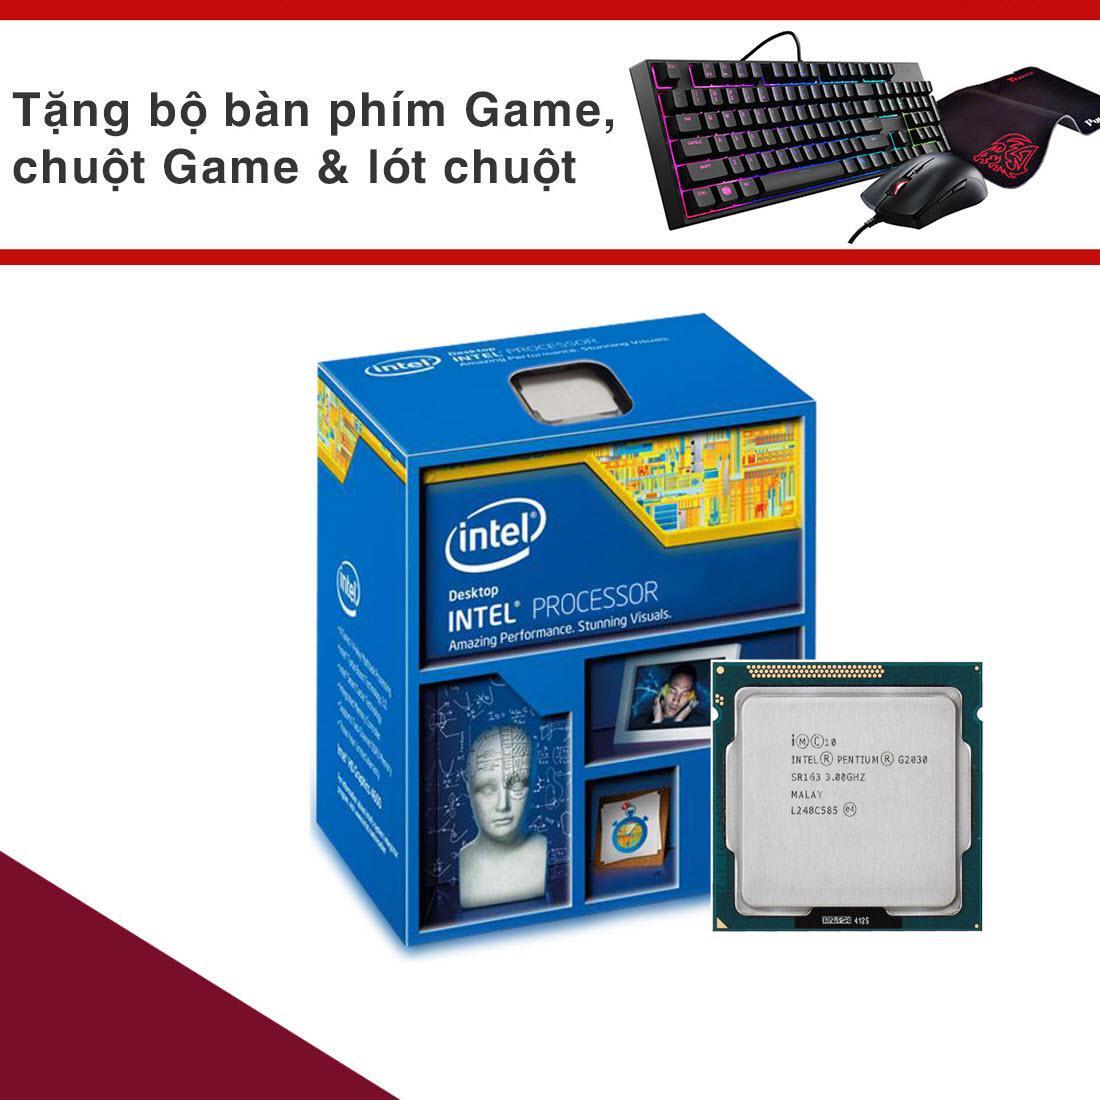 Chip Vi xử lý Intel CPU Pentium G870 (2 lõi- 2 luồng) Bảo Hành 3 Năm- Hàng Nhập Khẩu